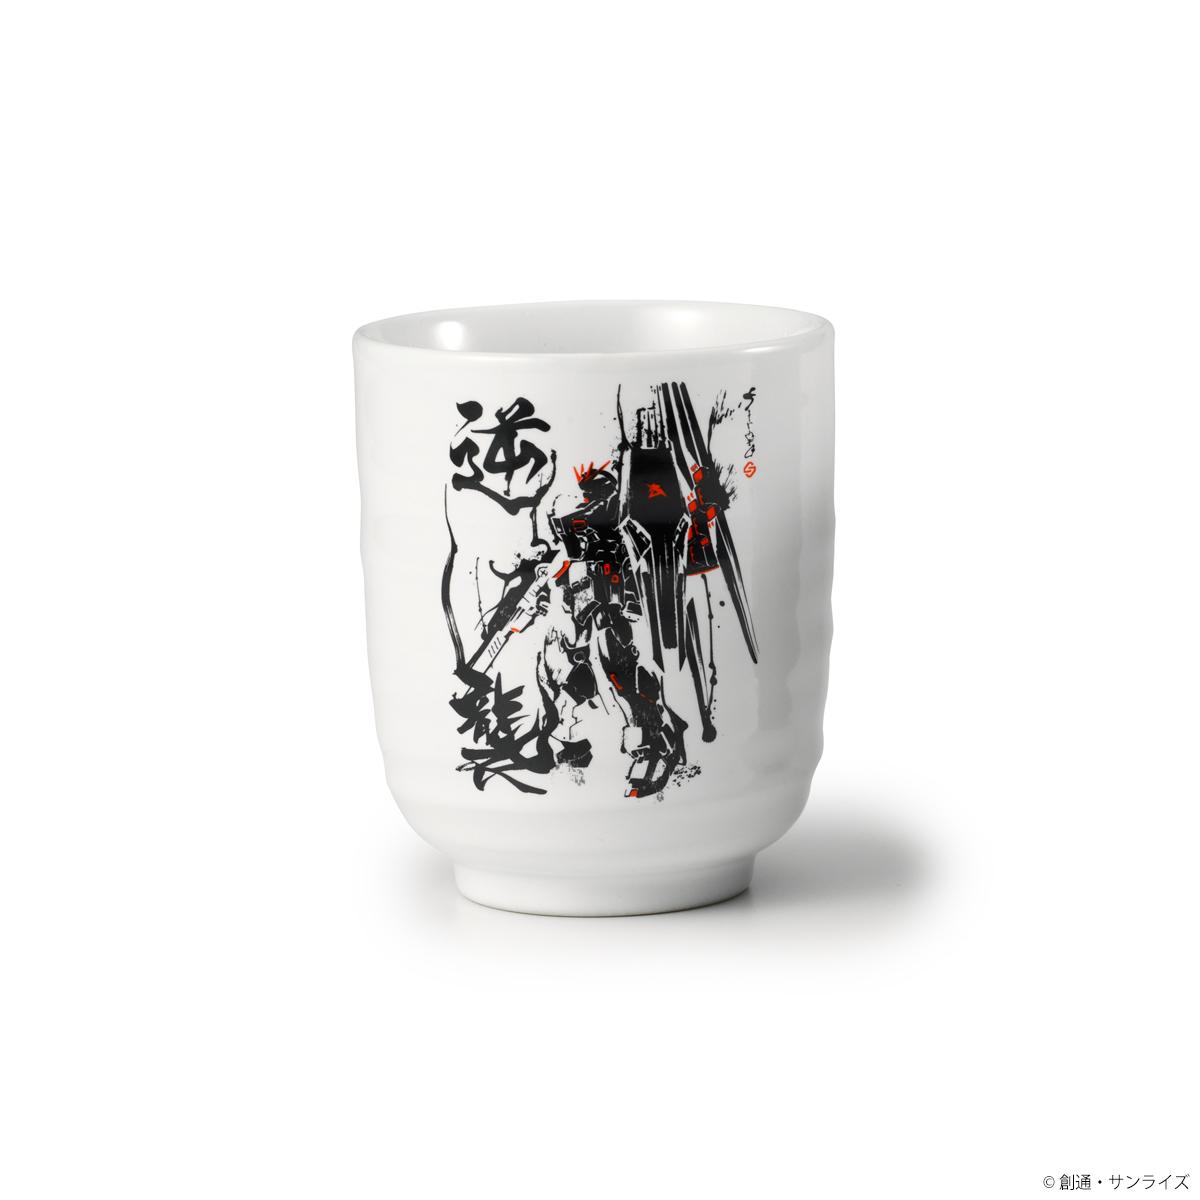 STRICT-G JAPAN『機動戦士ガンダム 逆襲のシャア』湯呑 νガンダム柄